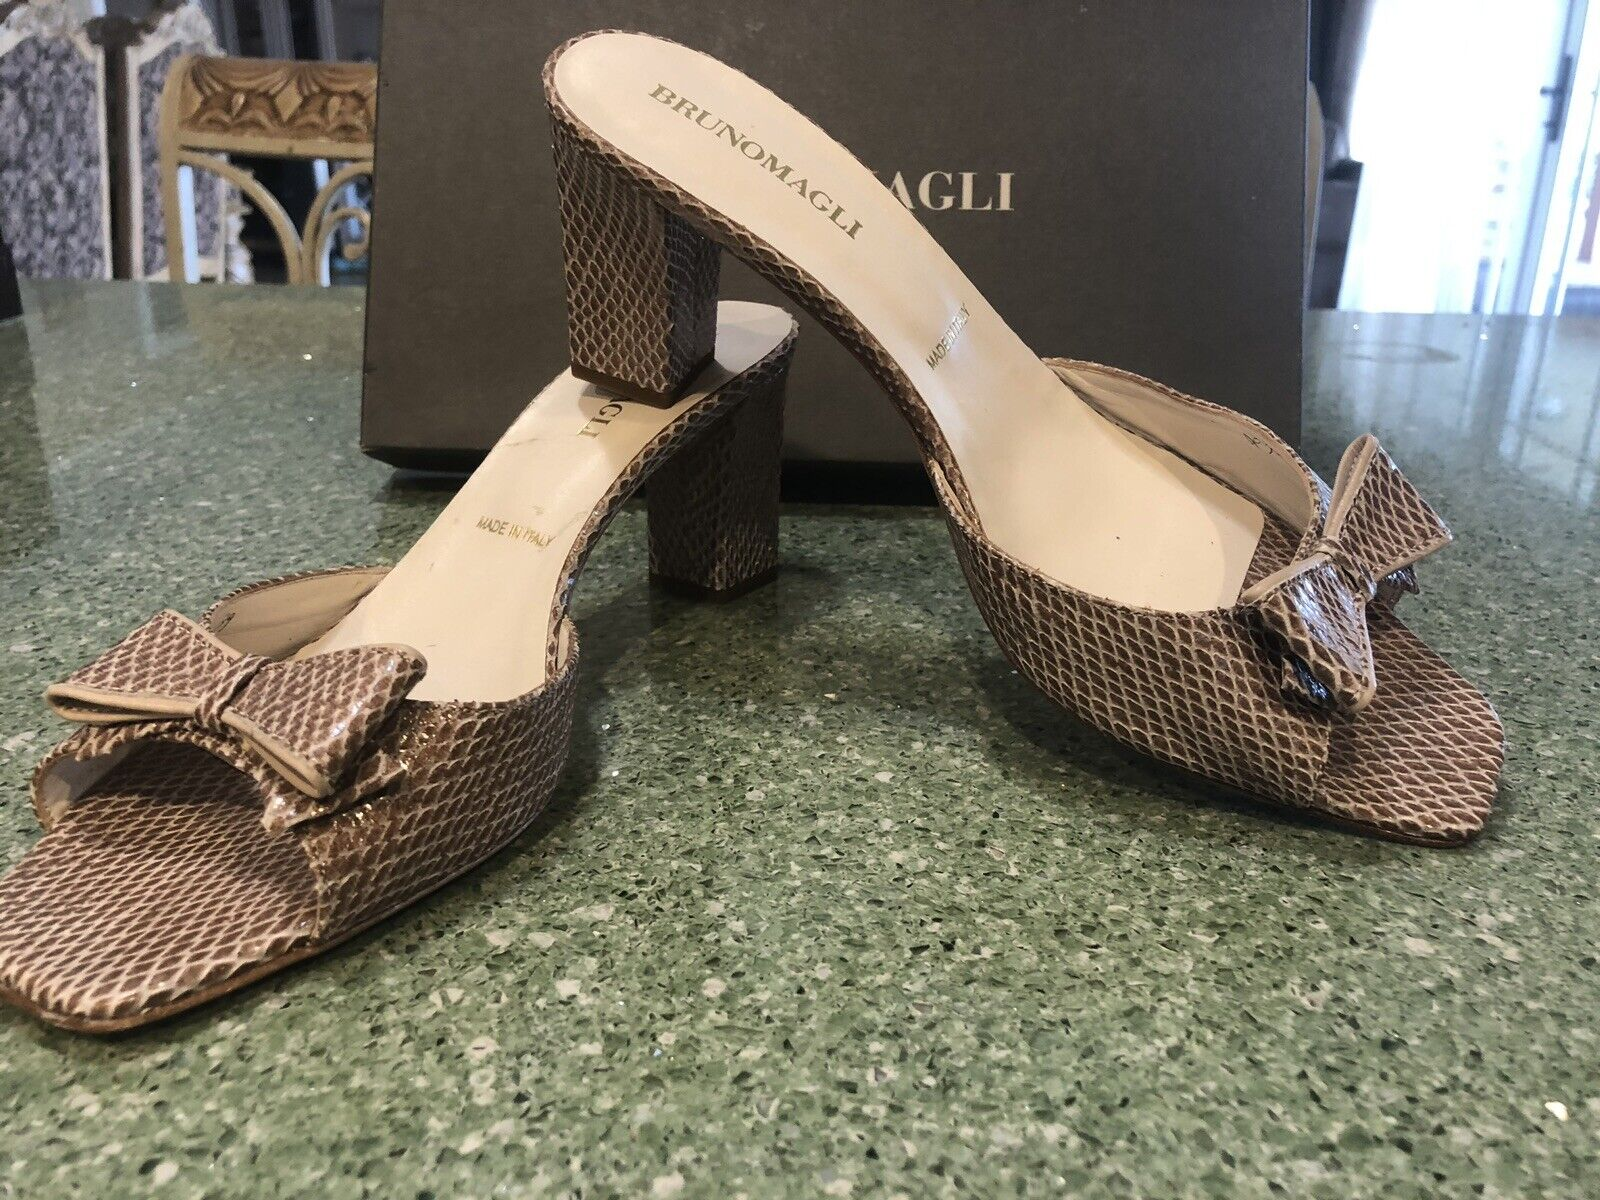 Bruno Magli slide in schuhe sandals GREAT PAIR Größe 9 MSRP 595